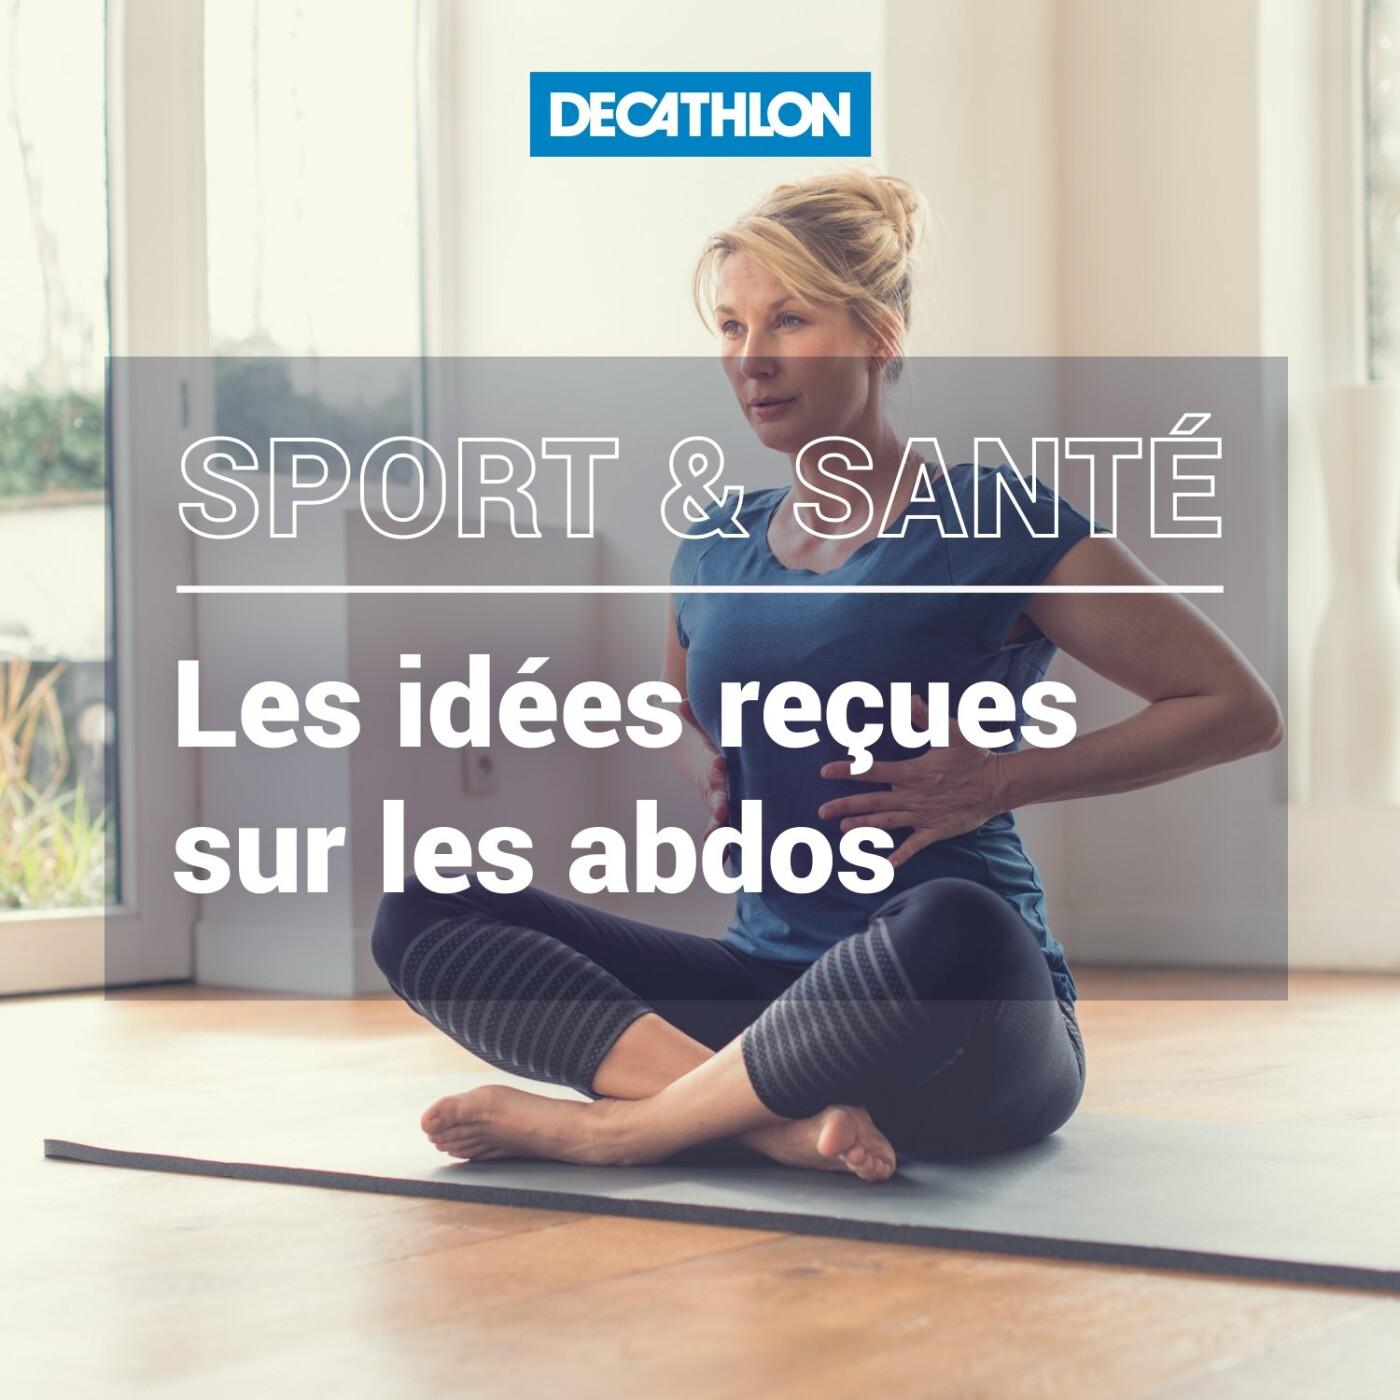 # 44 Sport et santé - Les idées reçues sur les abdos.